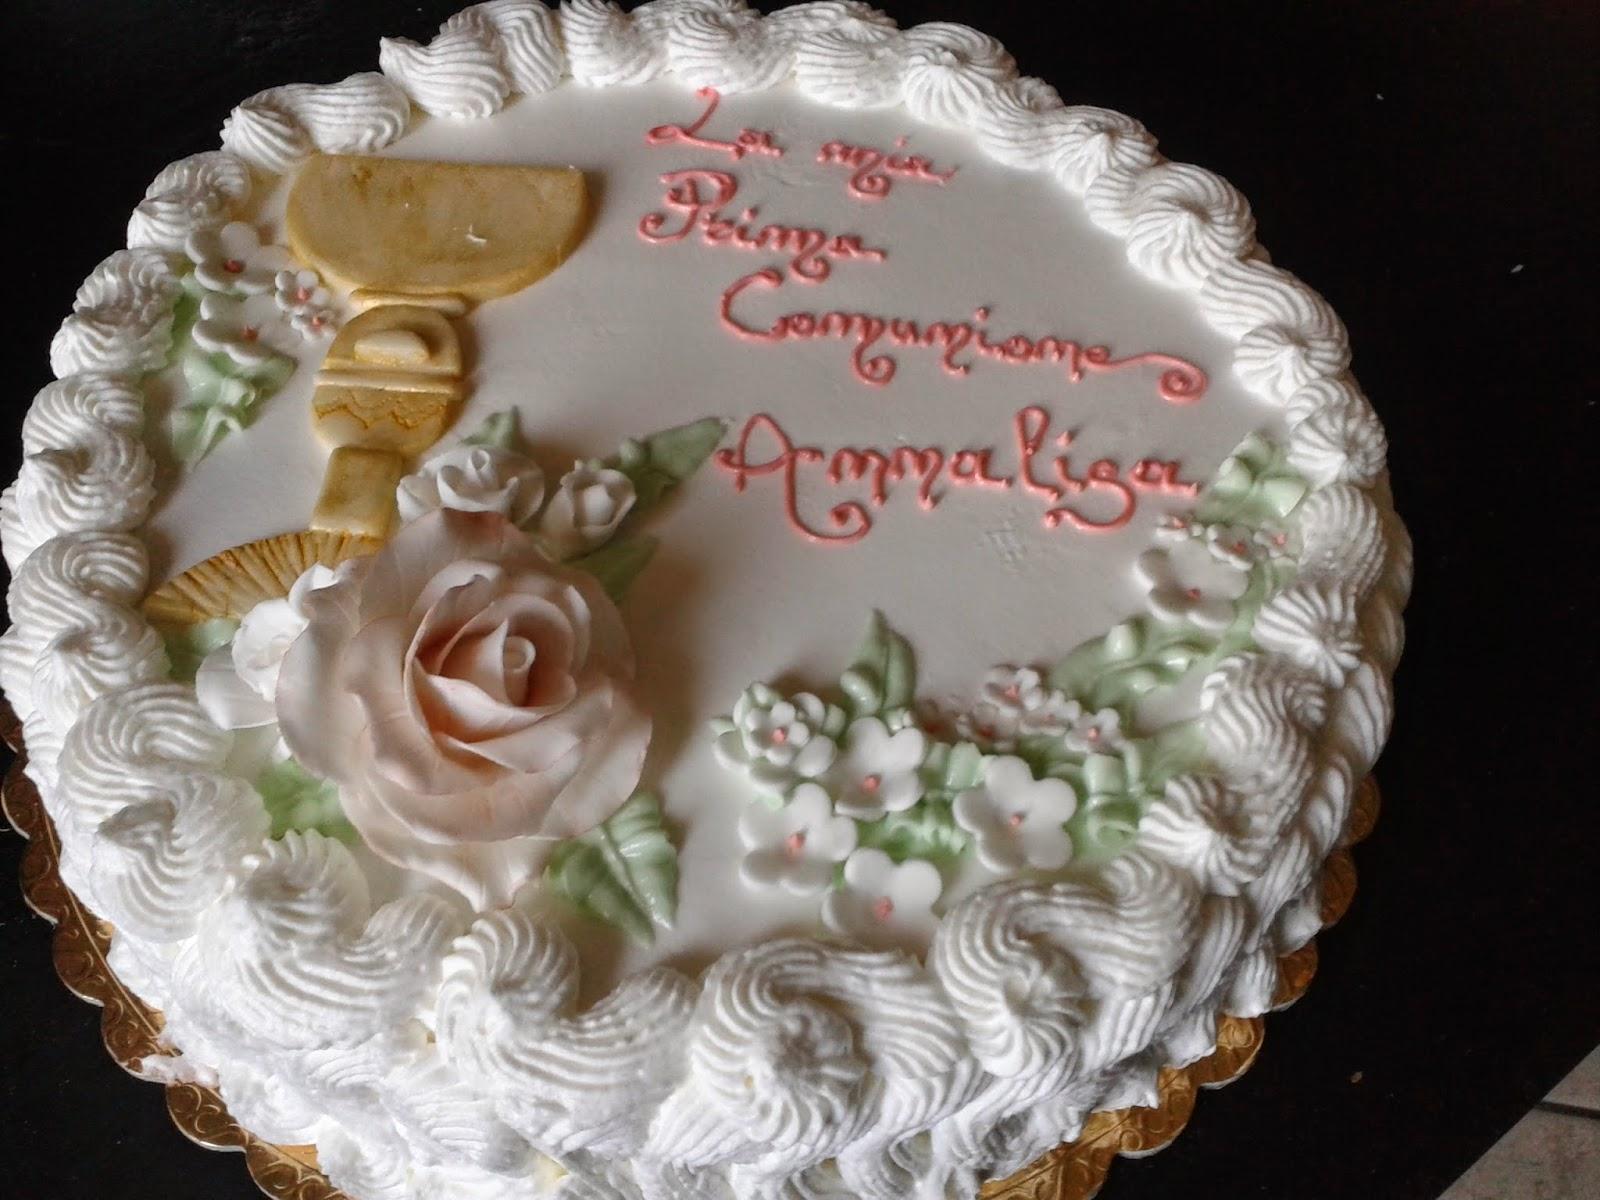 frasi su torta per comunione